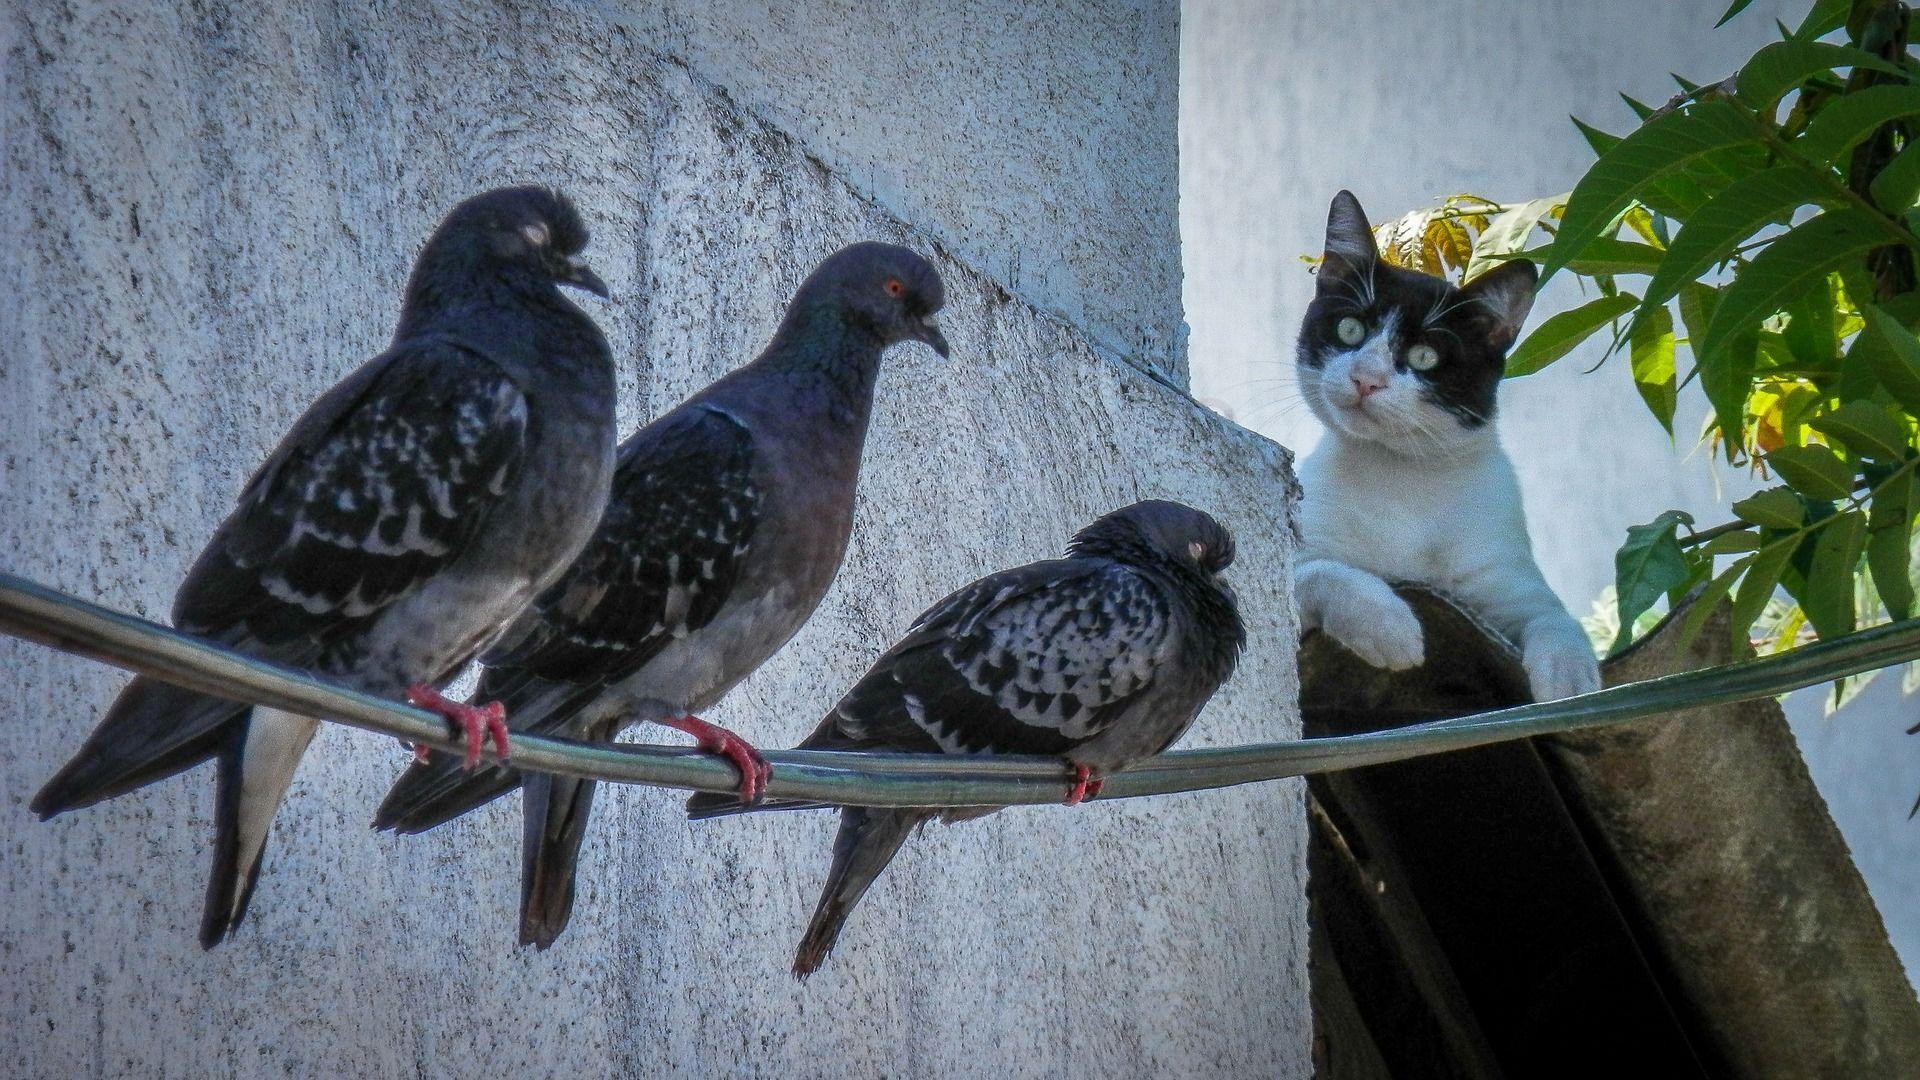 Un gato junto a palomas - Sputnik Mundo, 1920, 27.05.2021